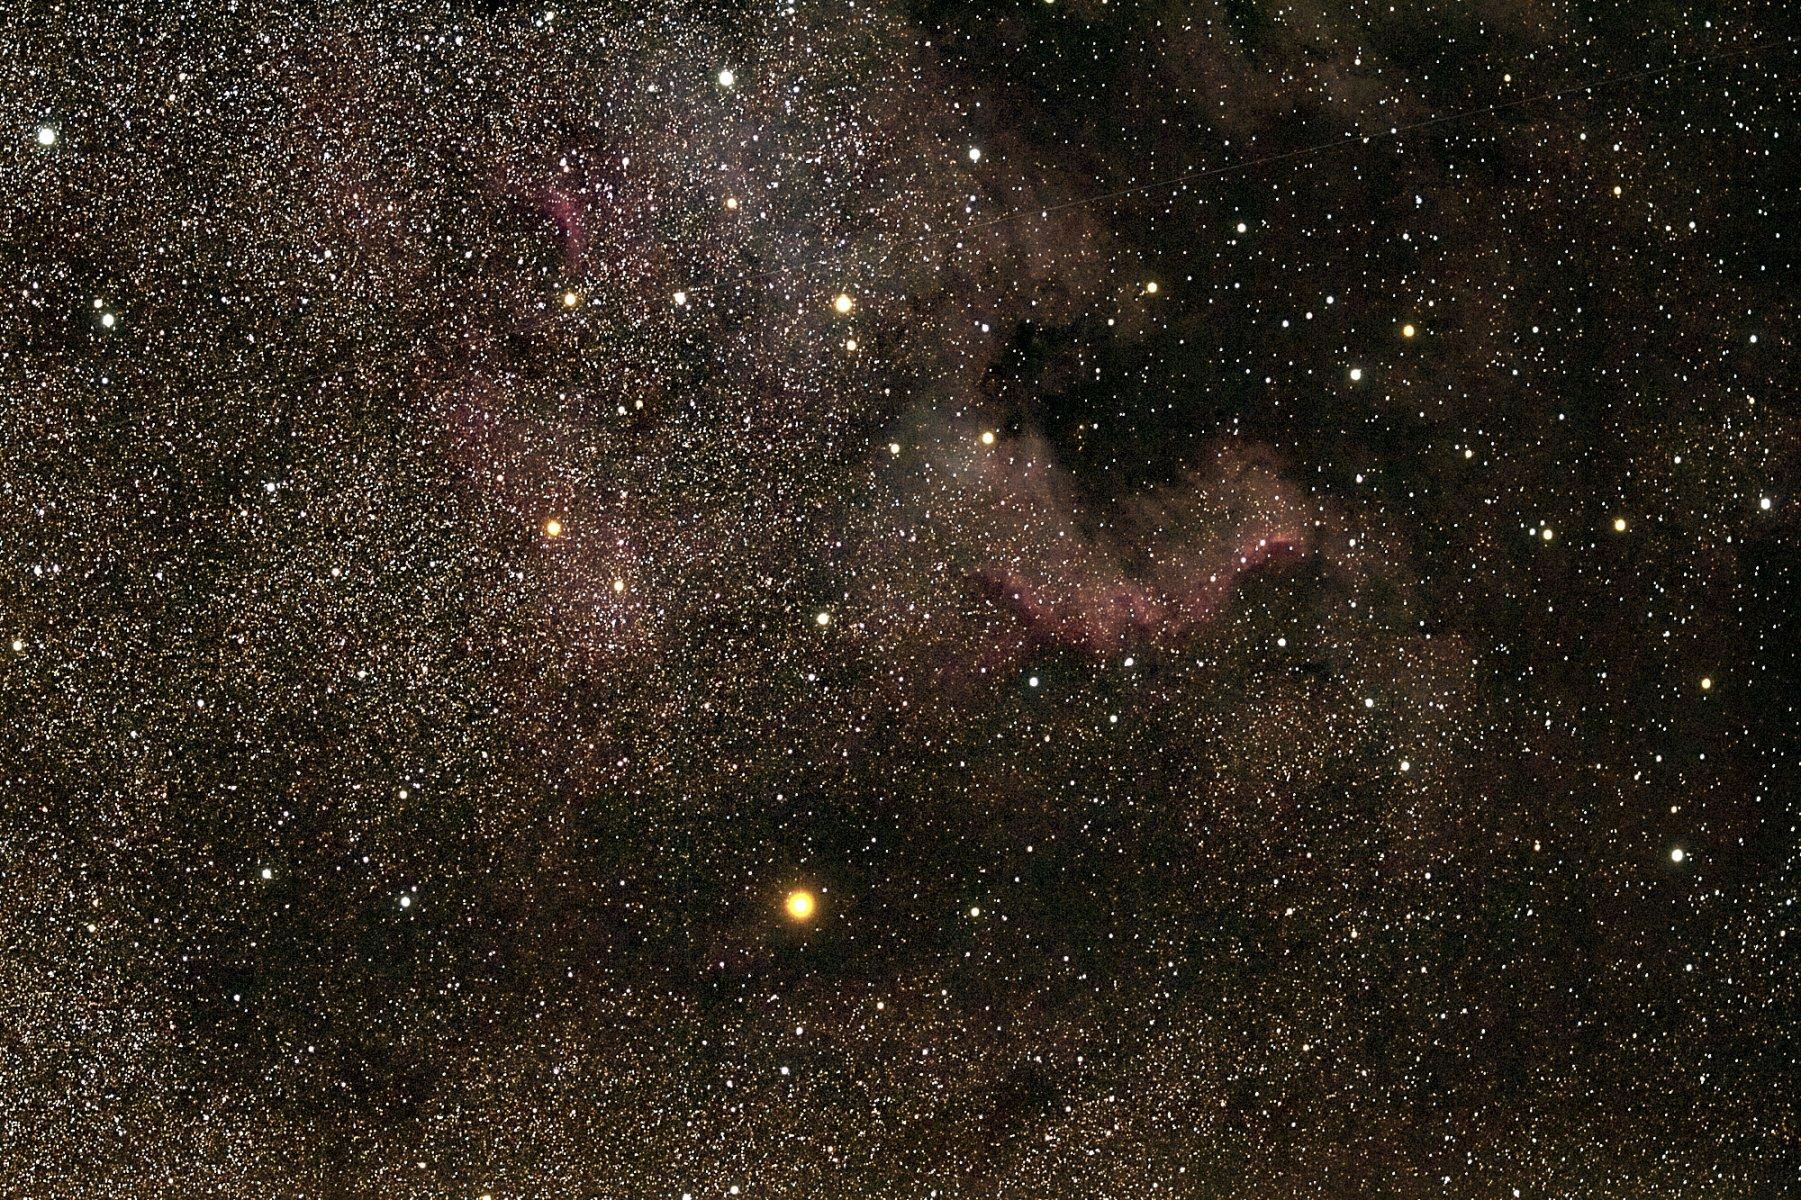 NGC7000-Seq-5-C1-V20.jpg